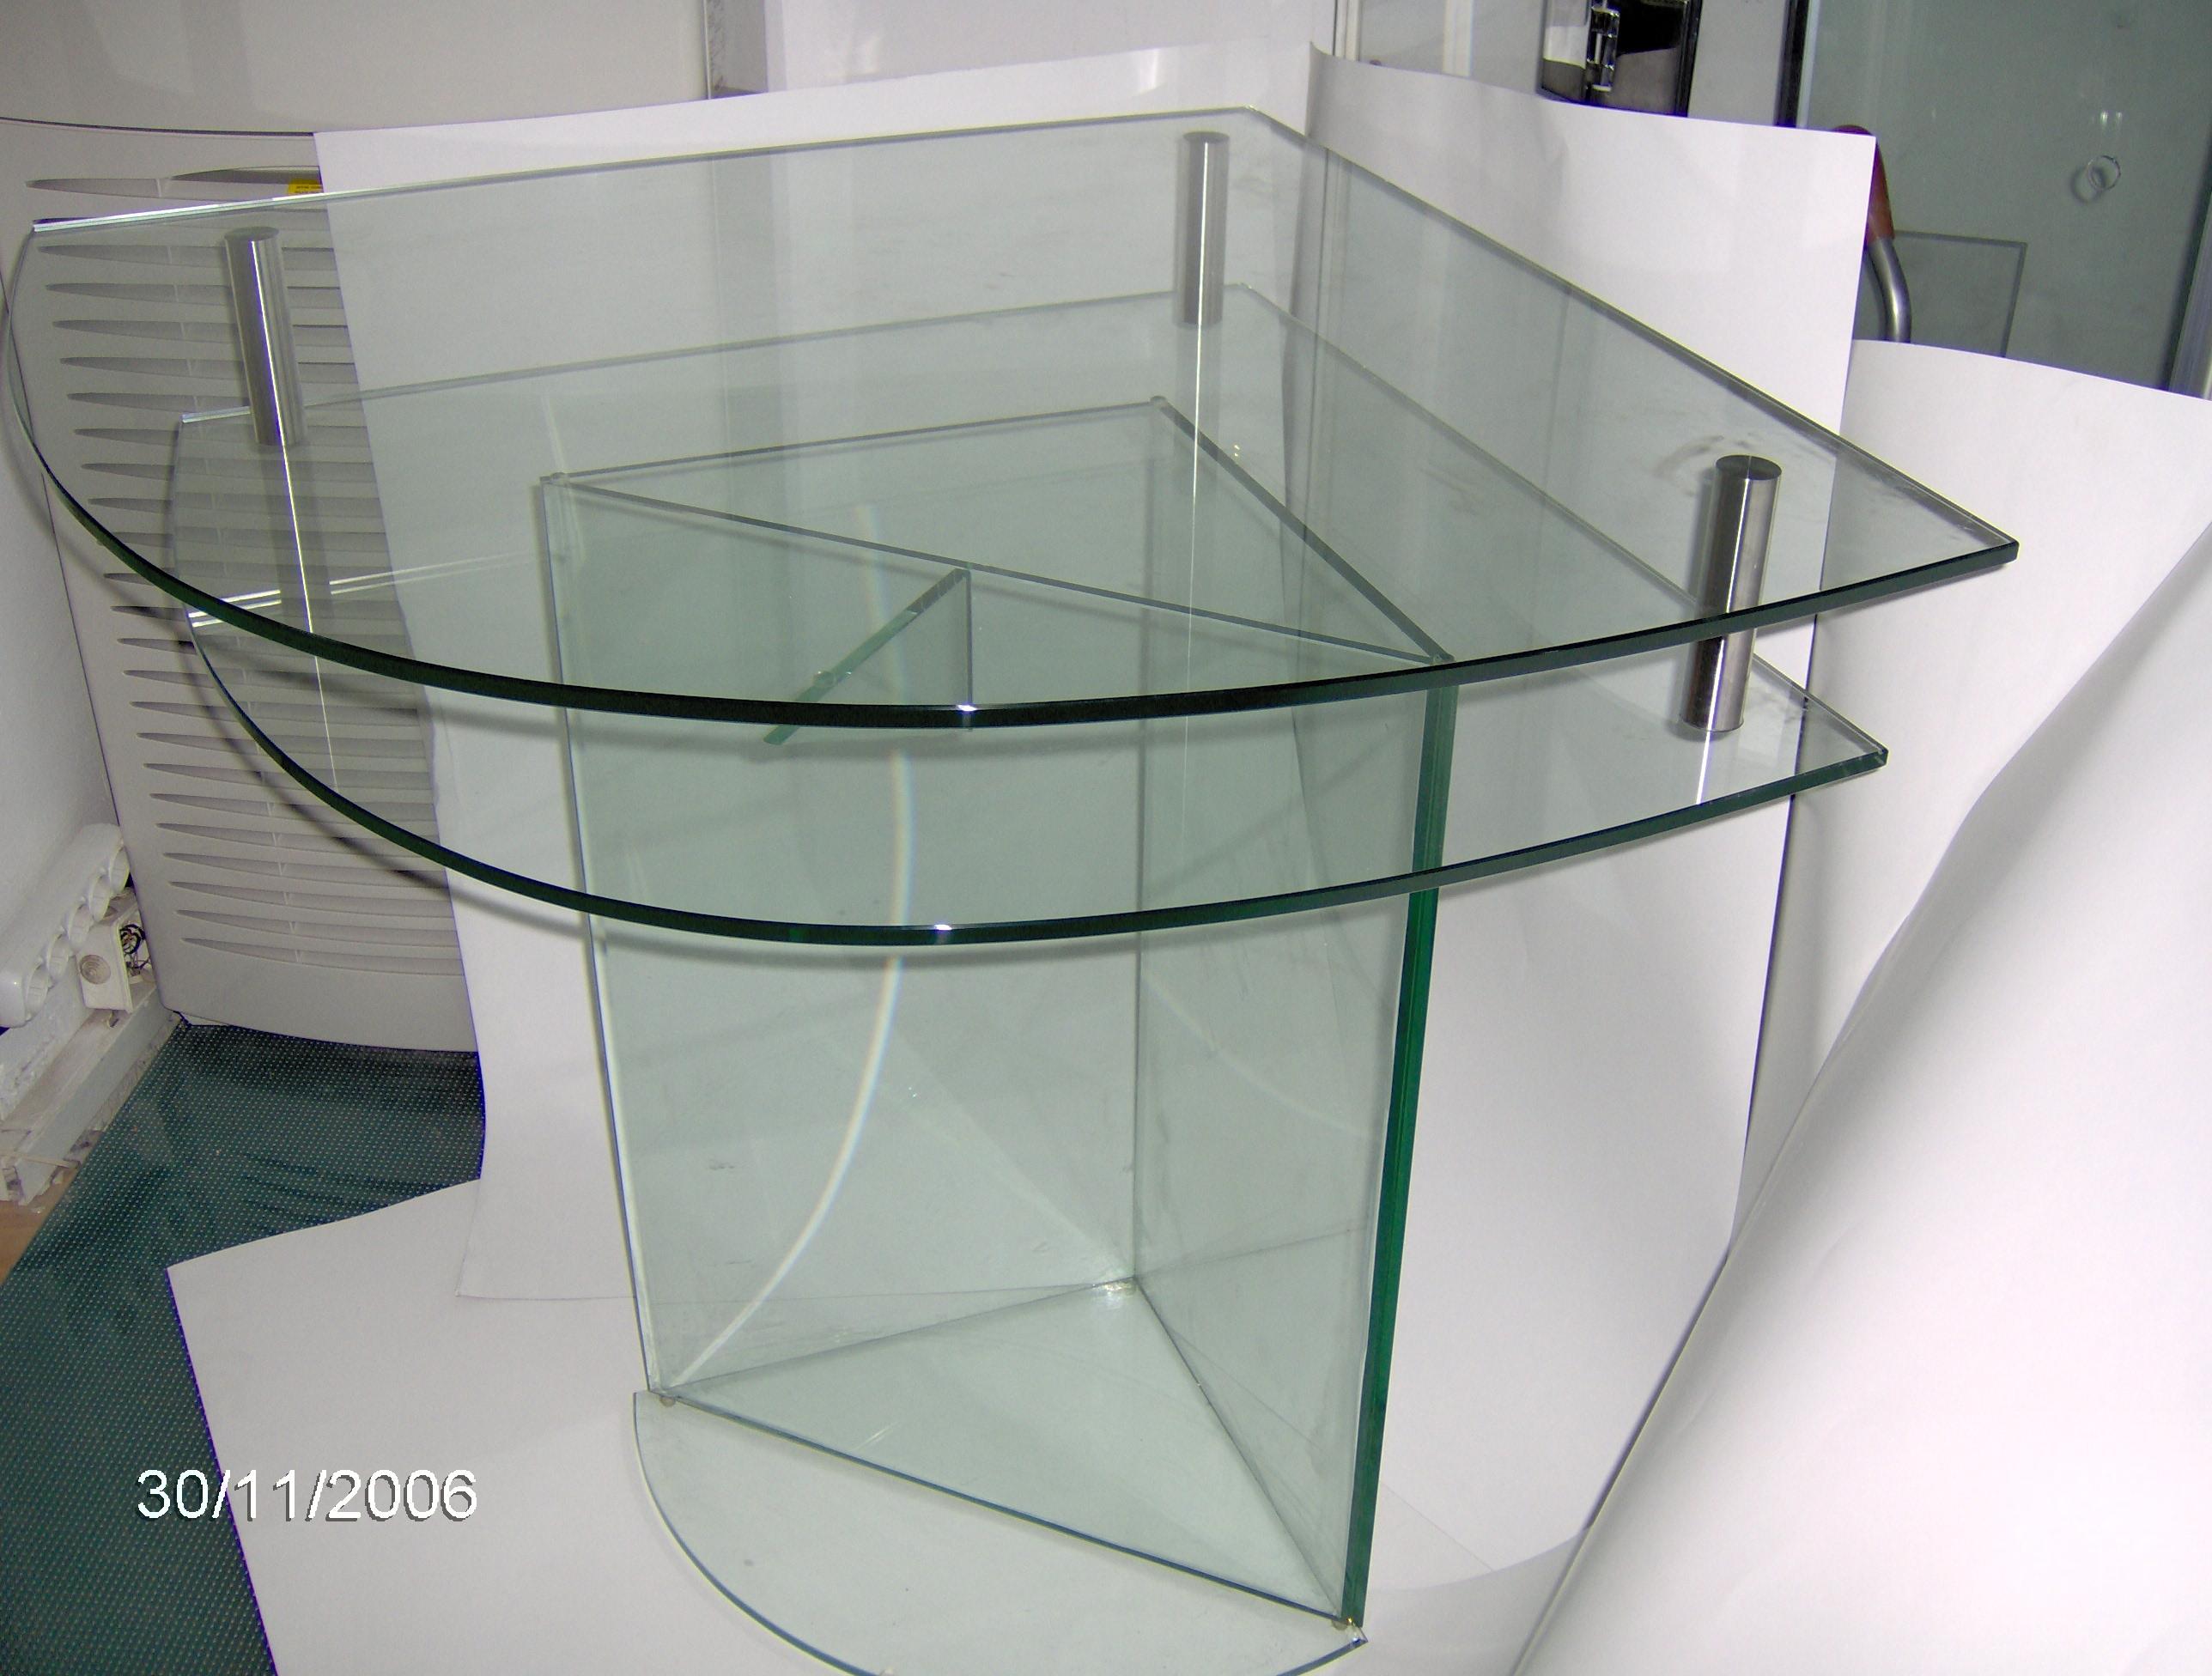 Γωνιακό κρυστάλλινο τραπέζι